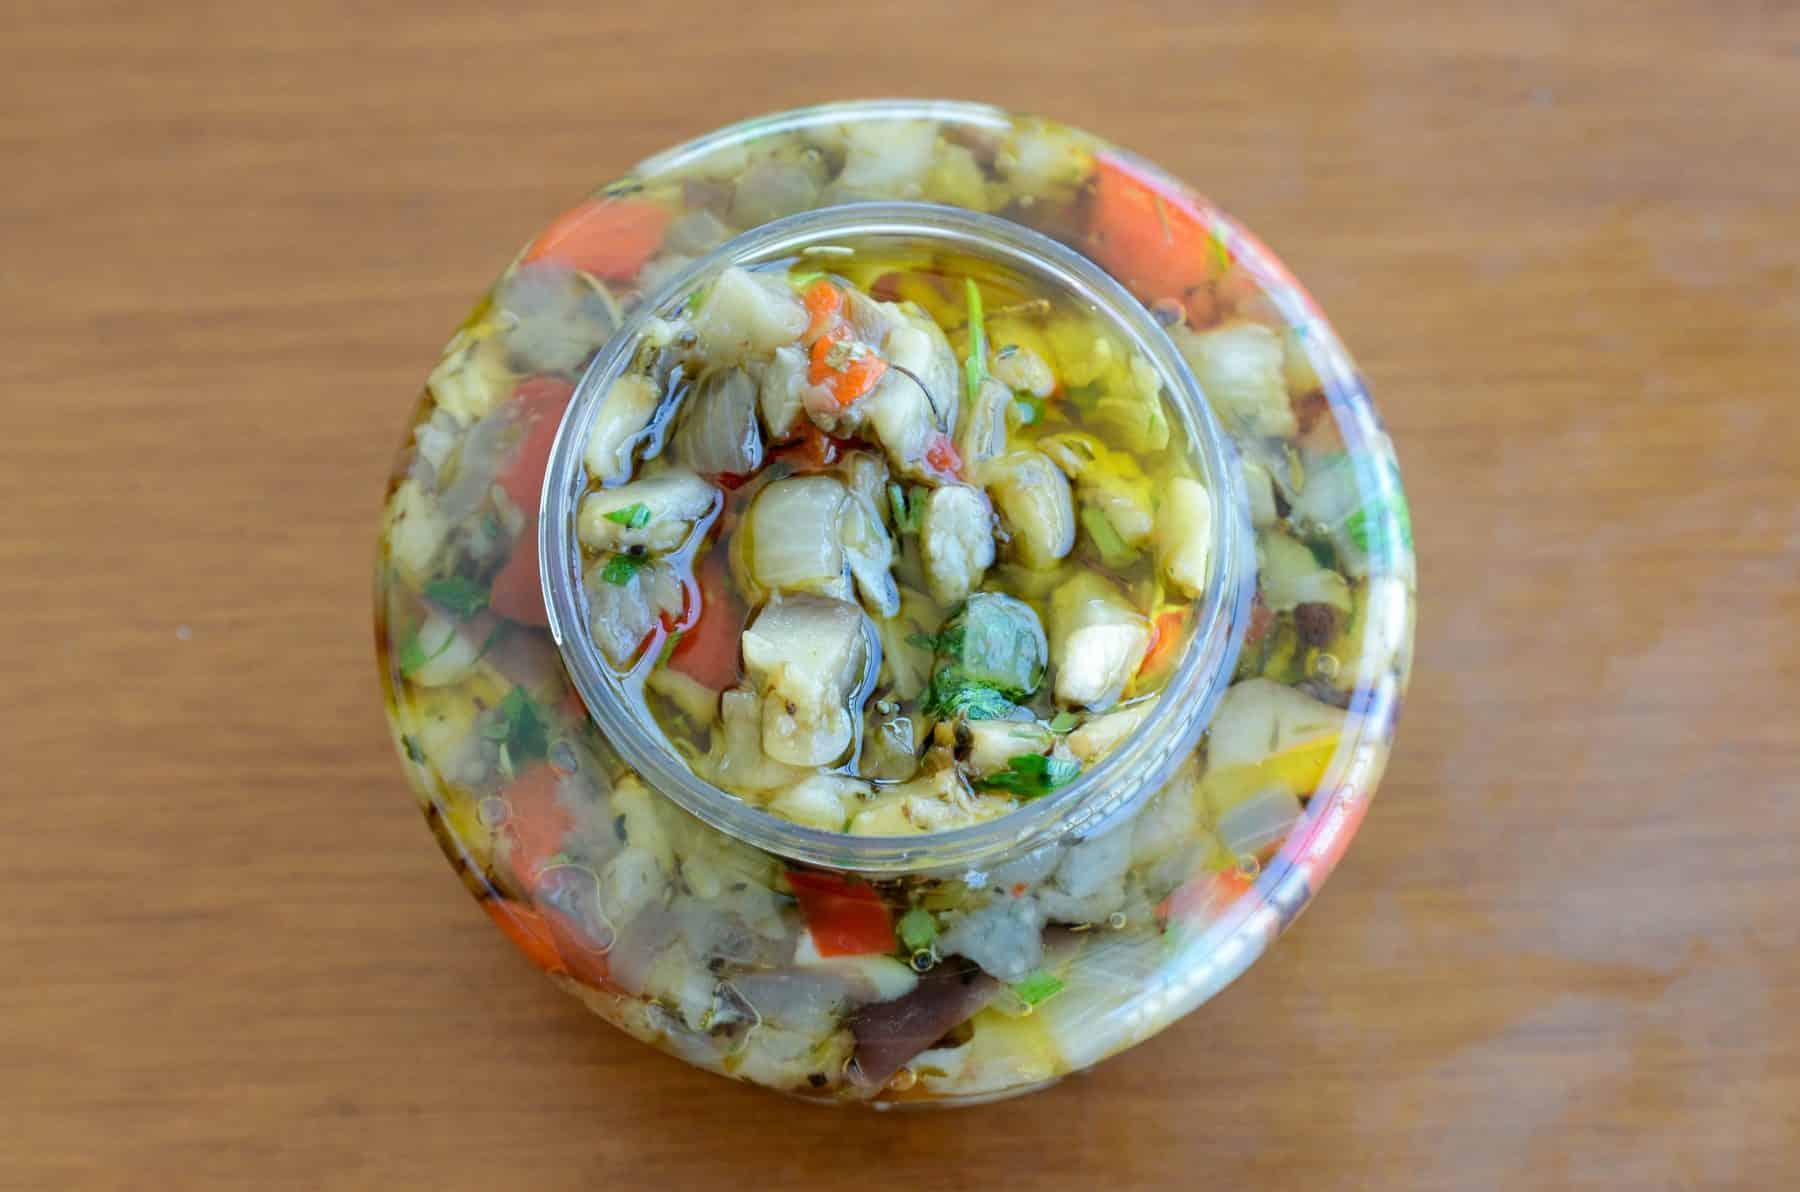 receita de antepasto de berinjela assada com pimentão e cebola, conserva por 14 dias na geladeira